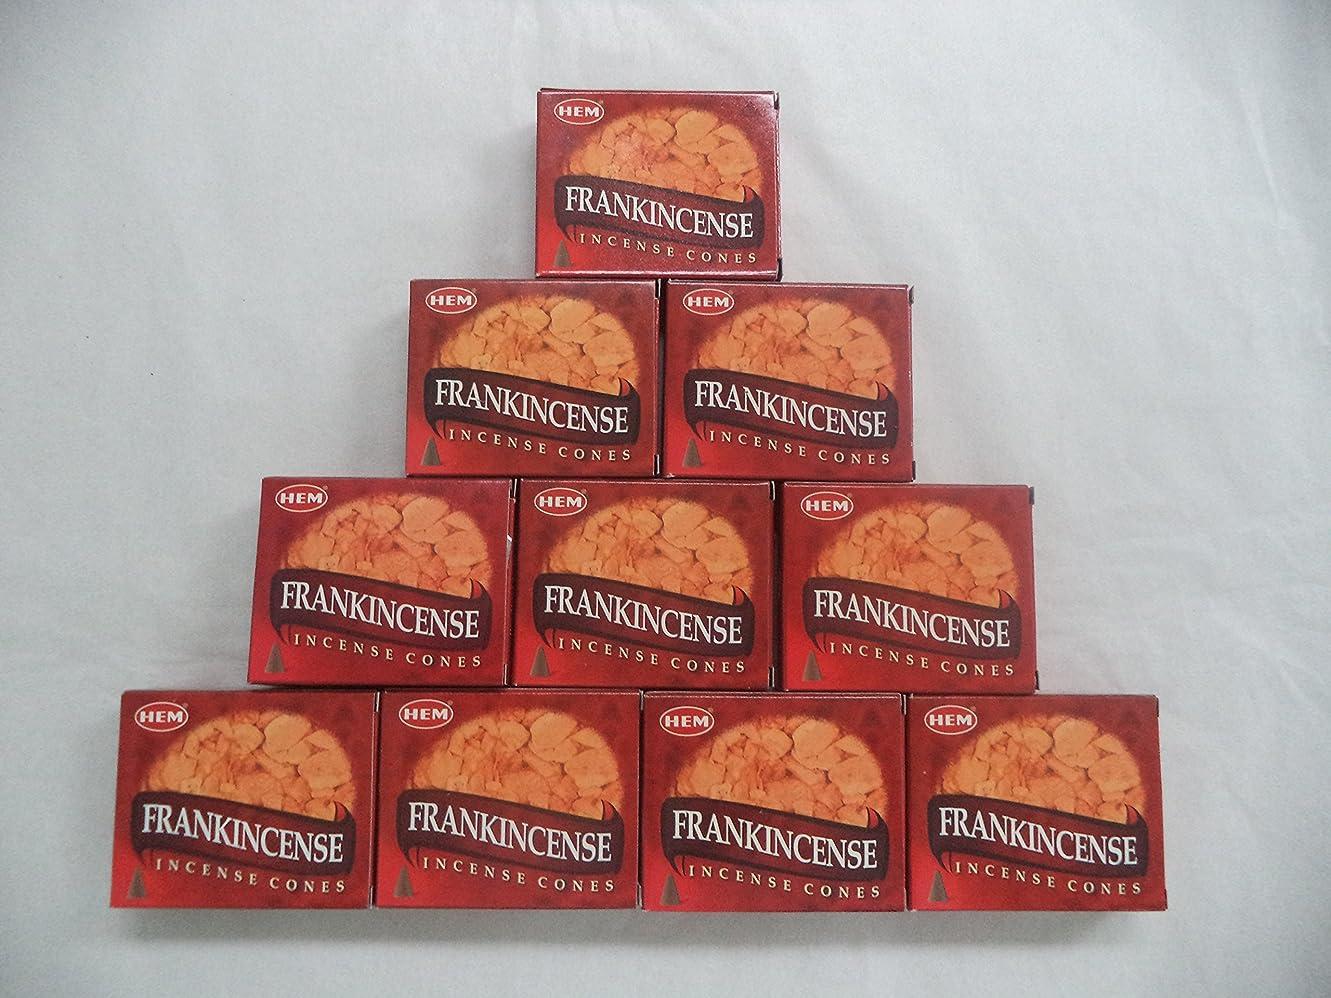 シェード残り物侵入裾Incense Cones : Frankincense?–?10パックの10?= 100?Cones